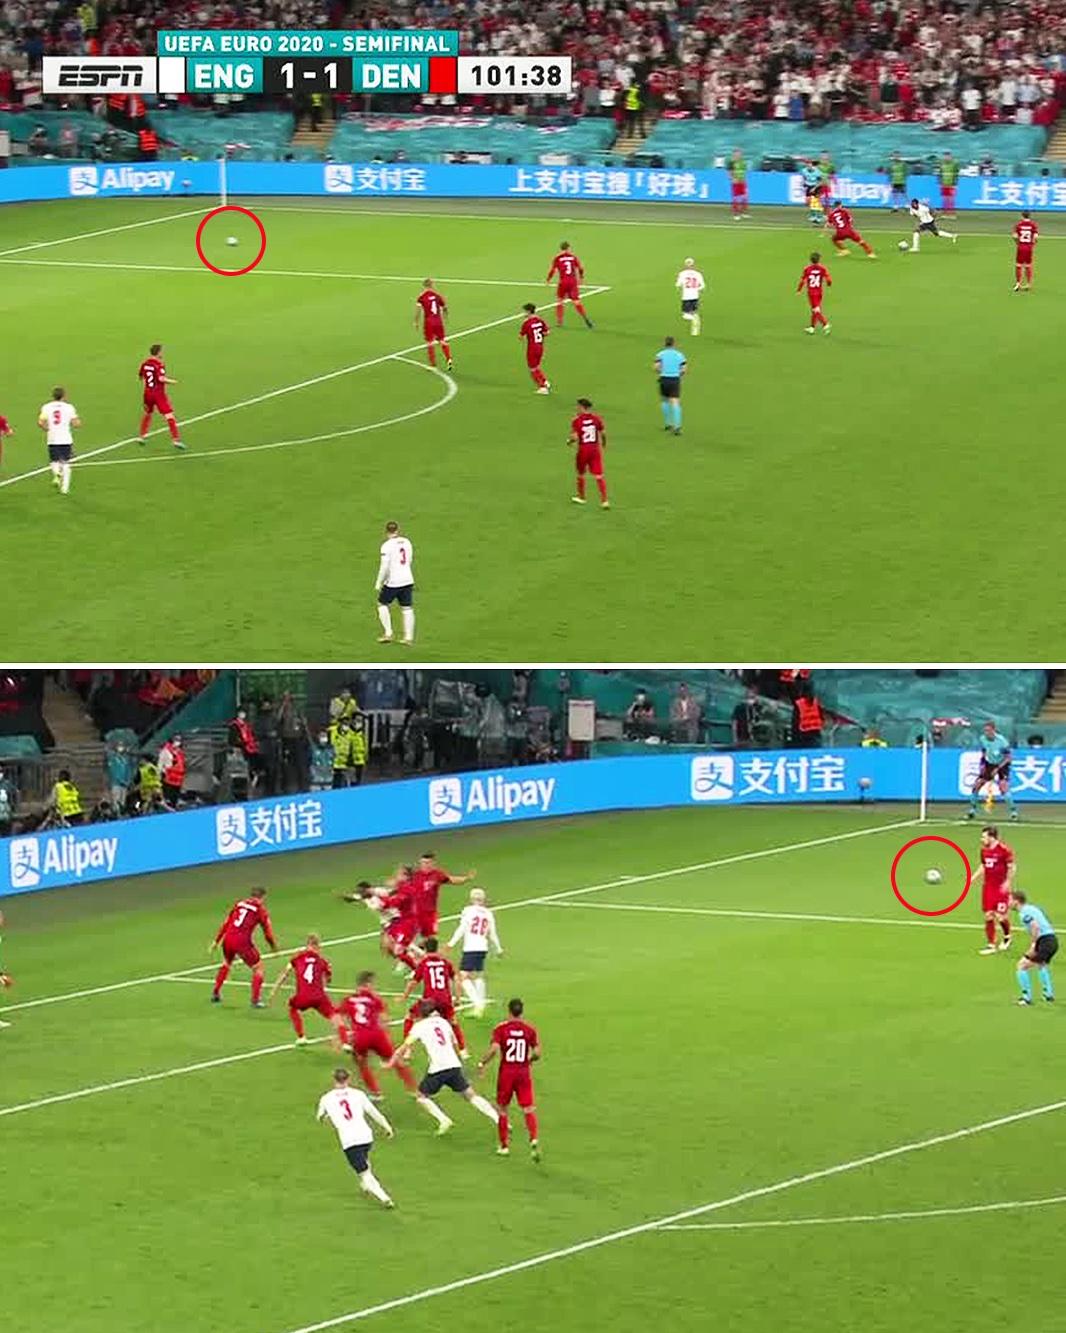 Полуфинал Евро – 2020 Англия – Дания закончился тремя скандалами и вызвал негодование СМИ и фанатов 2